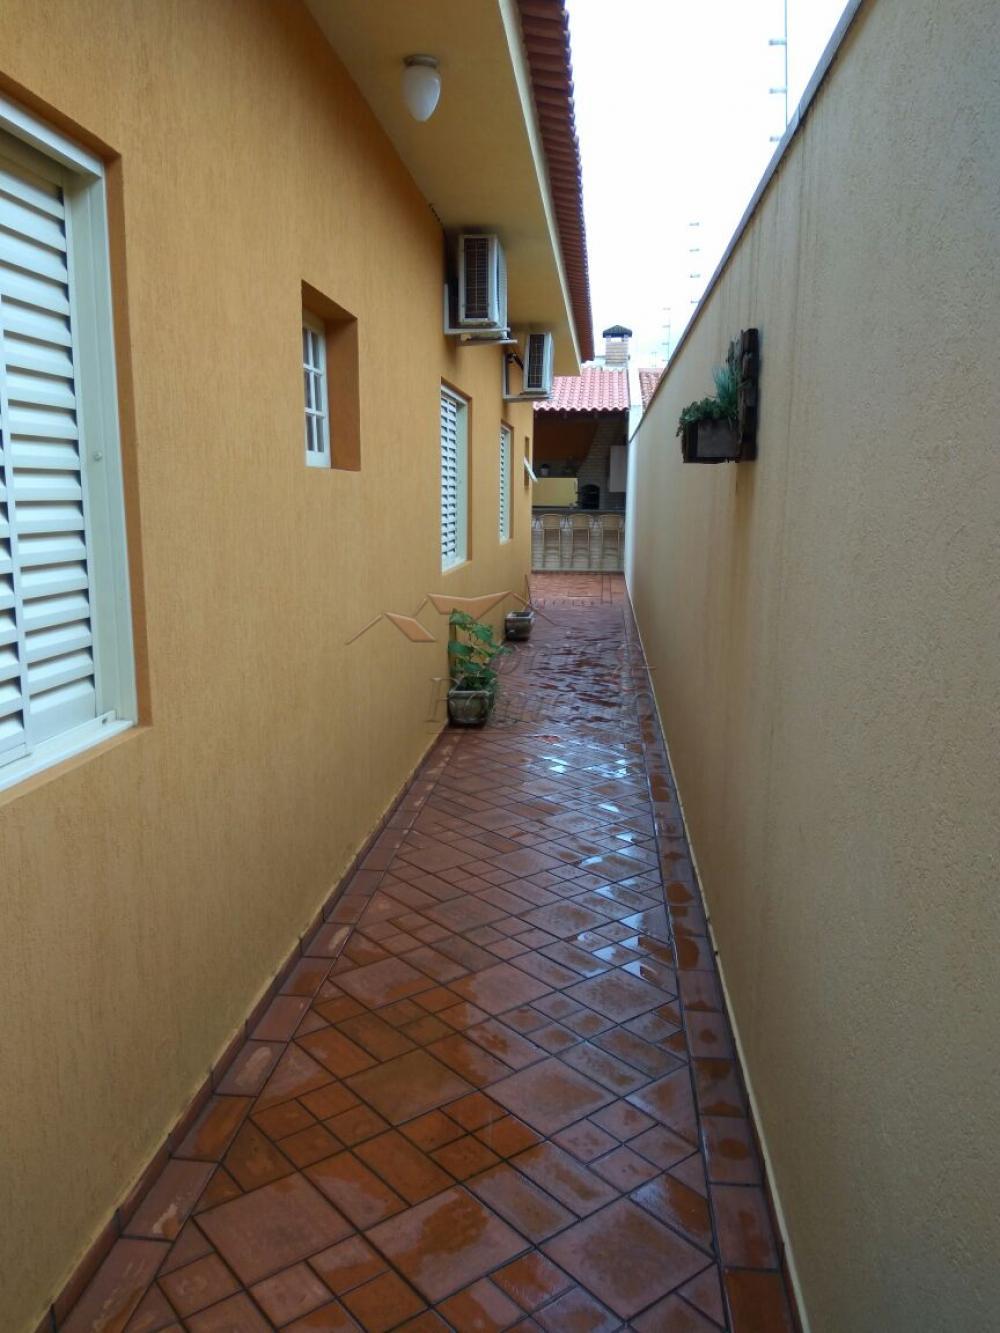 Comprar Casas / Padrão em Ribeirão Preto apenas R$ 420.000,00 - Foto 36